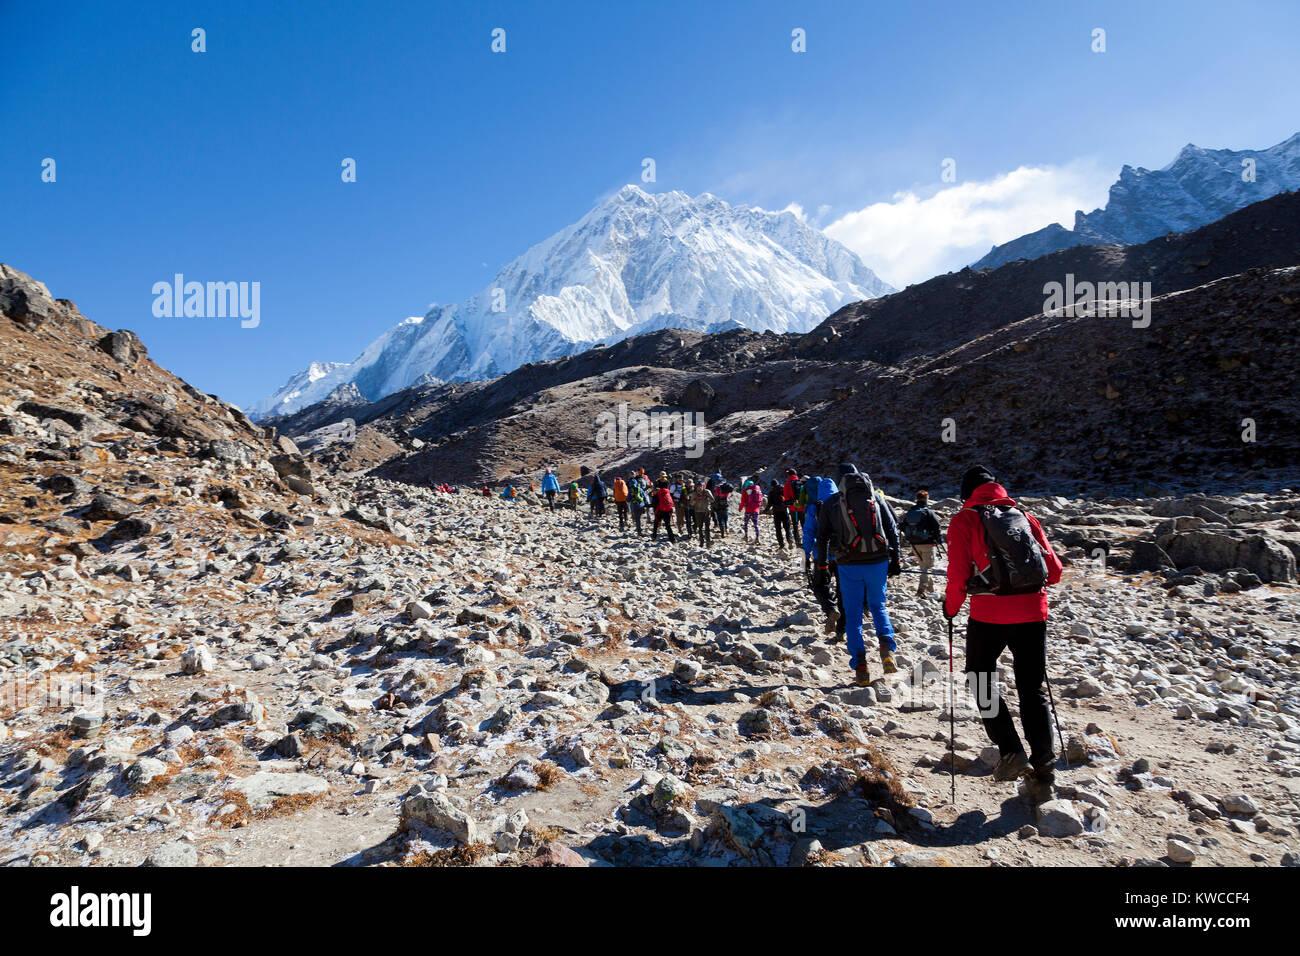 Monts Everest et Lothse, façon de camp de base de l'Everest Photo Stock